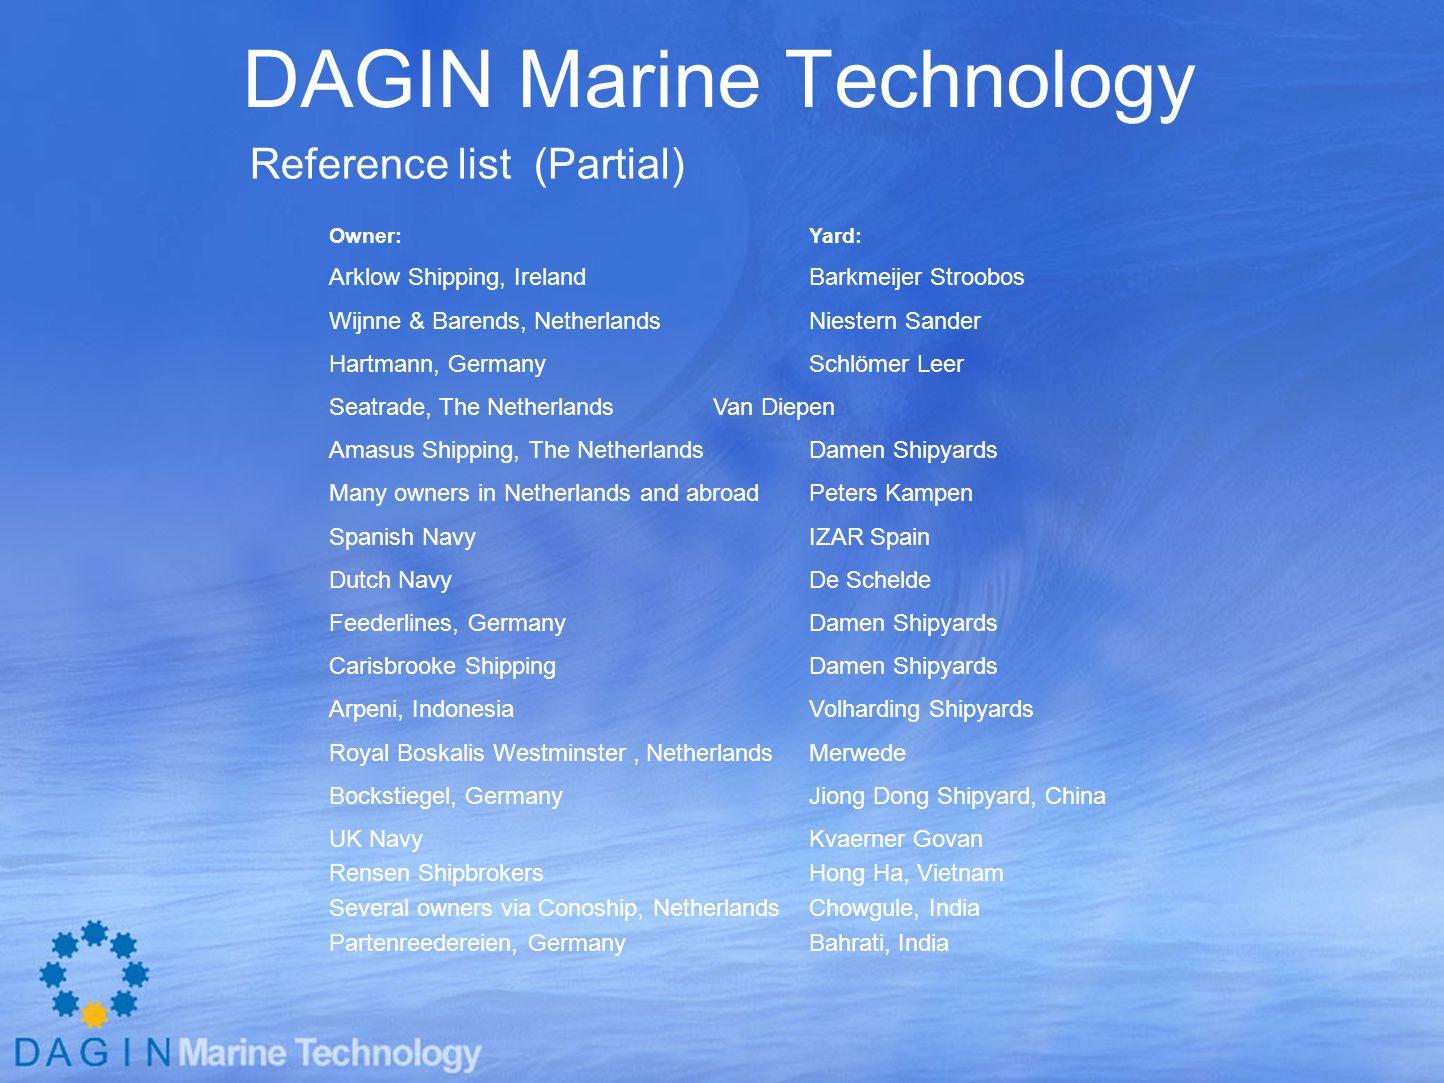 DAGIN Marine Technology